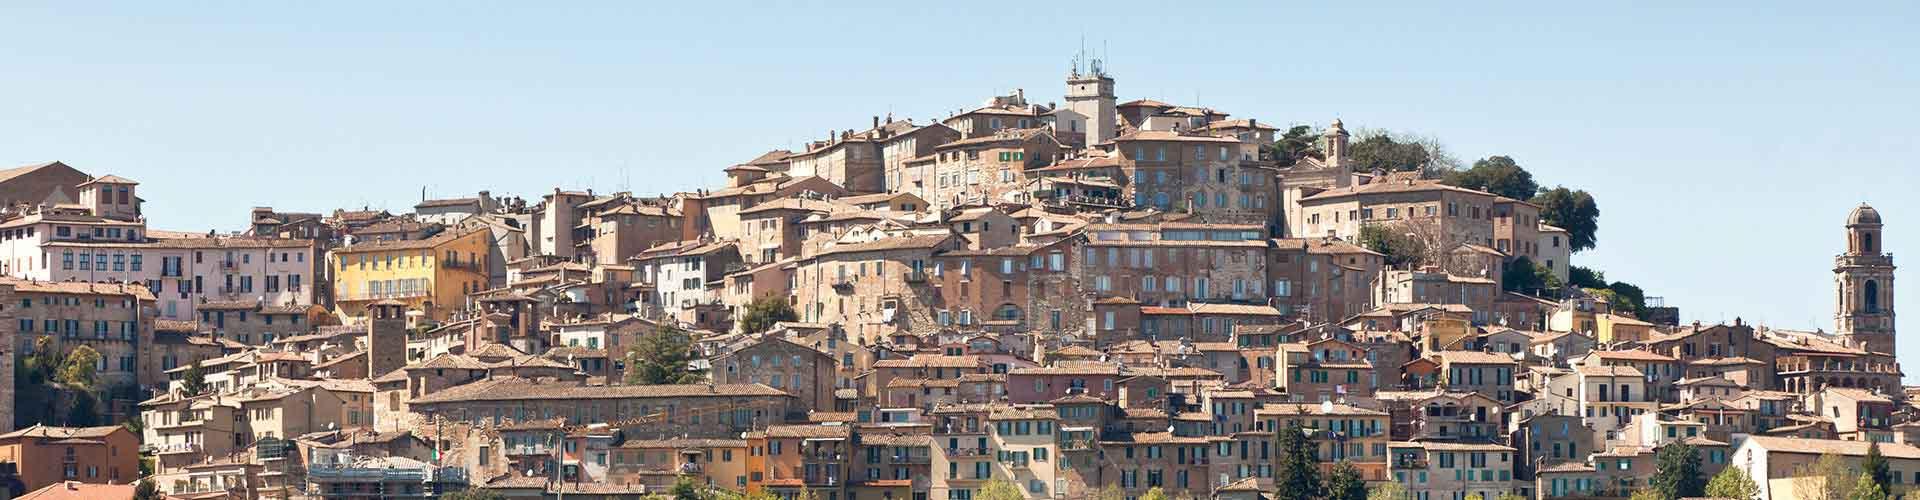 Perugia - Auberges de jeunesse et chambres pas chères à Perugia. Cartes de Perugia, photos et commentaires pour chaque Auberge de jeunesse et chambre pas chère à Perugia.